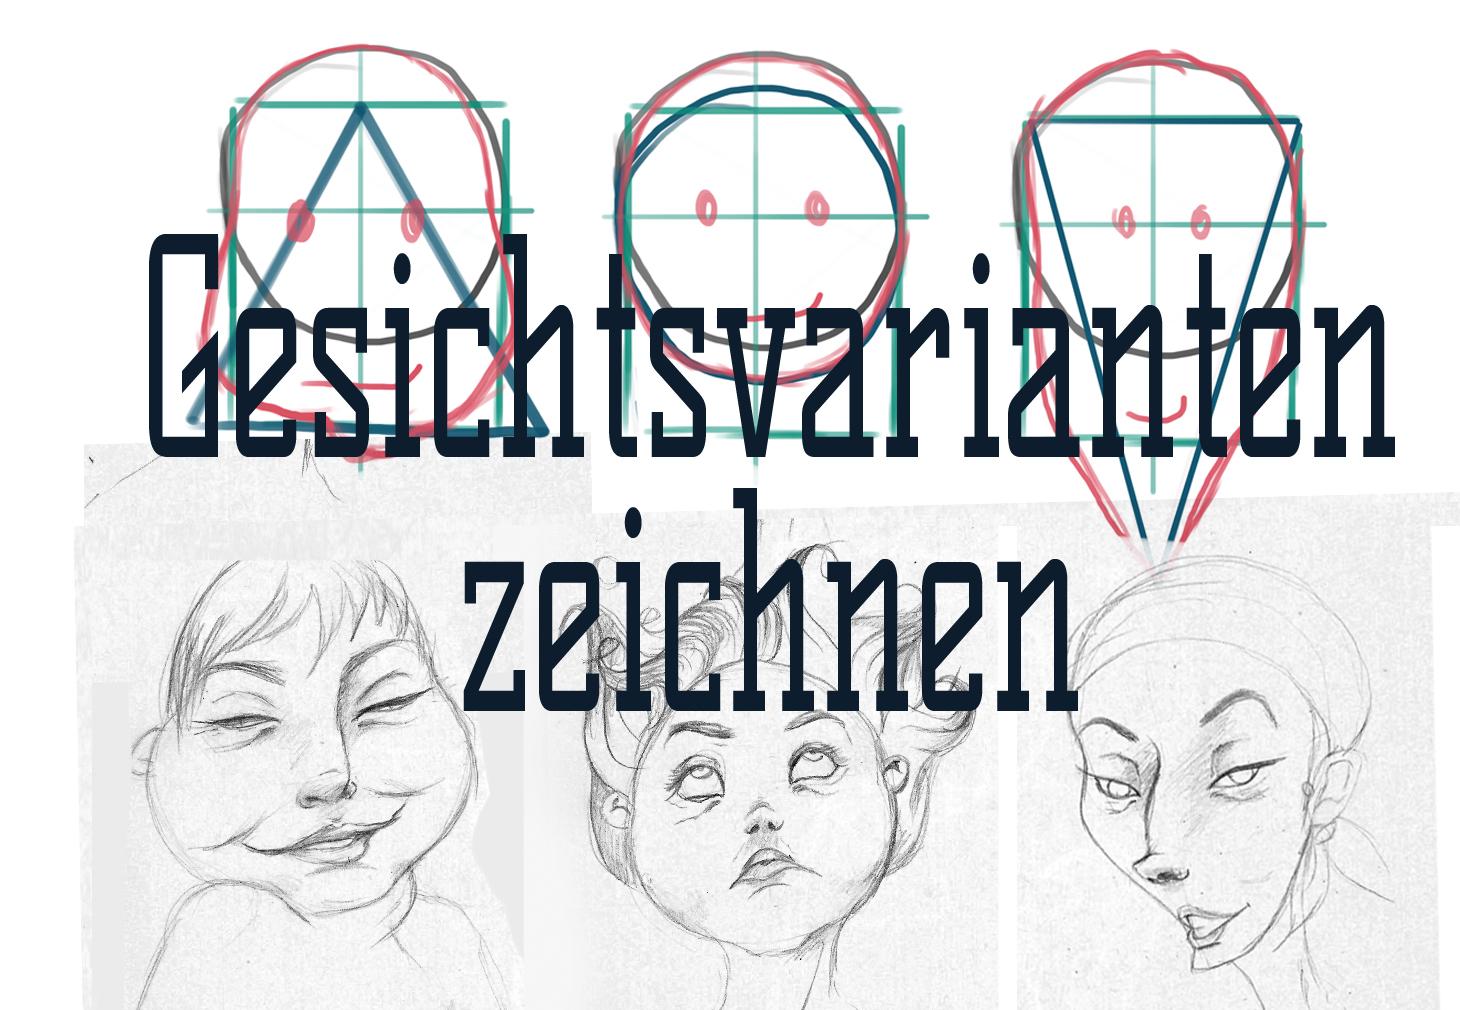 Schön Zeichnen Sie Das Schema Online Bilder - Schaltplan Serie ...